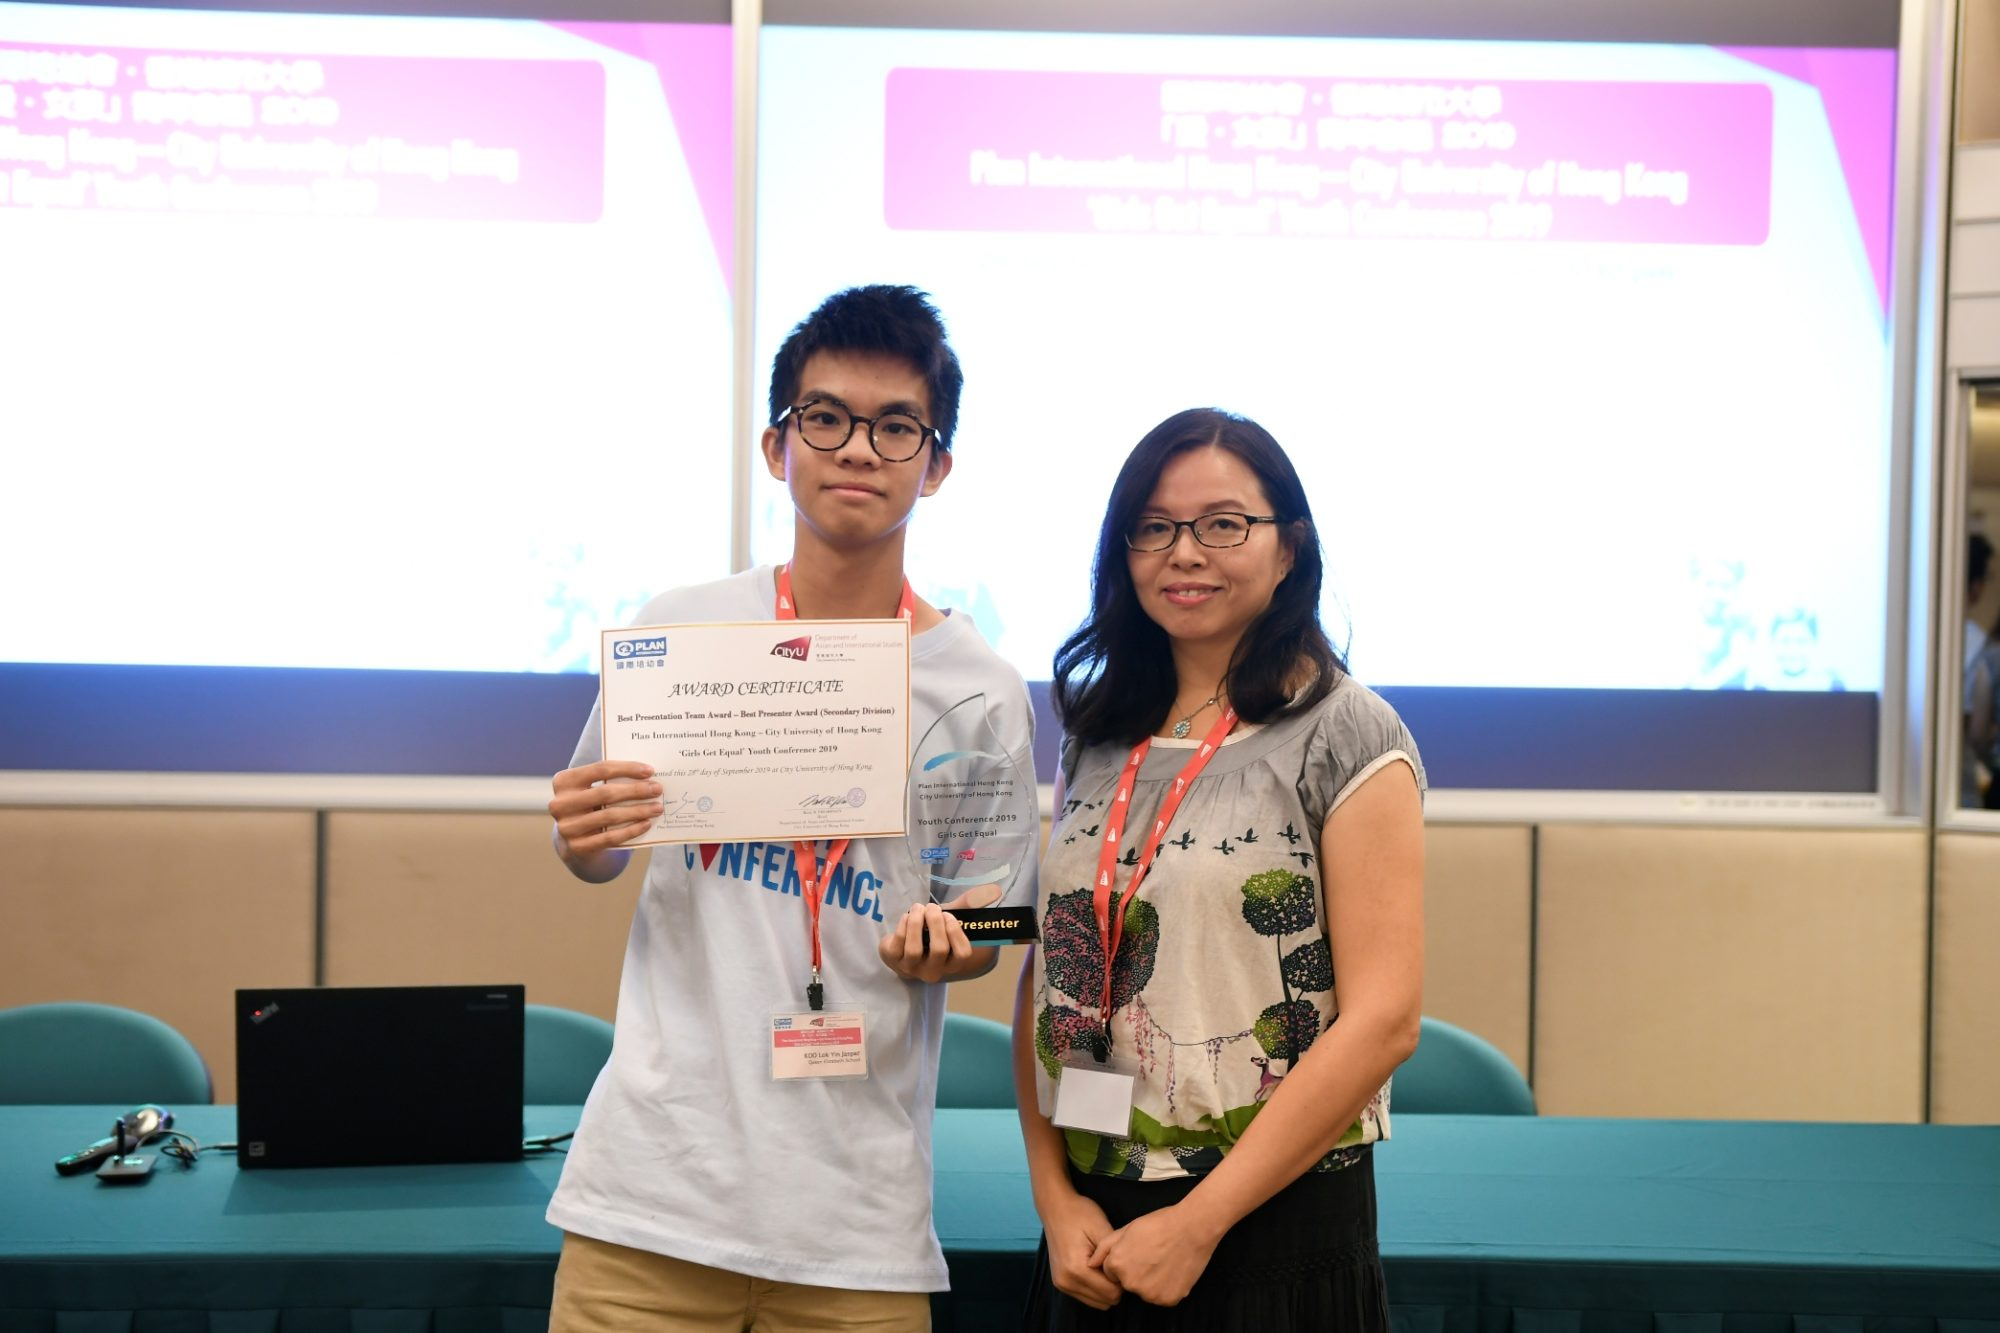 國際培幼會-香港城市大學「愛.女孩」青年會議2019   國際培幼會